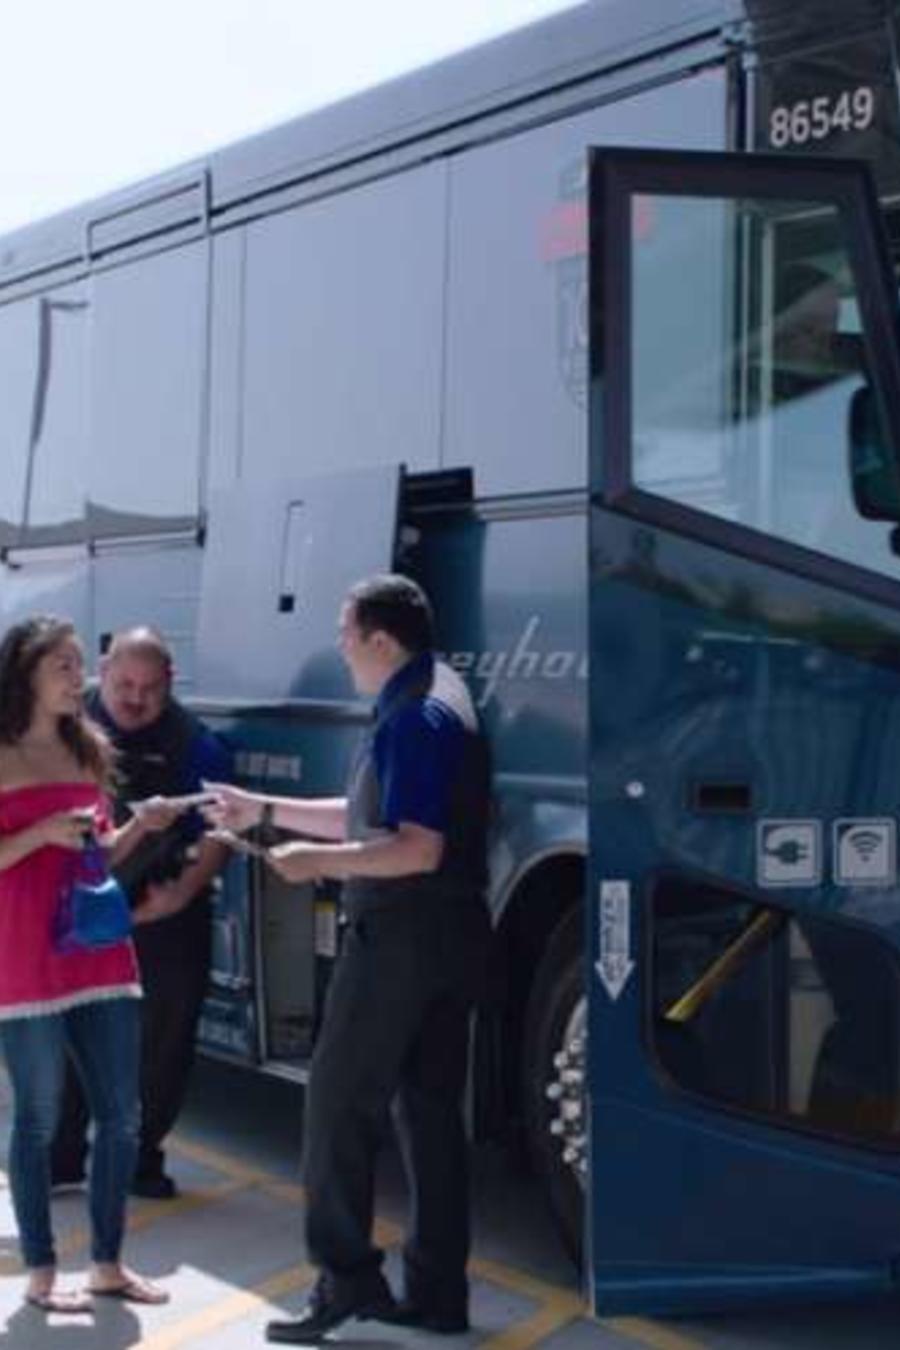 La empresa autobusera Greyhound tiene la política de permitir que CBP aborde sus autobuses, lo que está ocurriendo cada vez más.